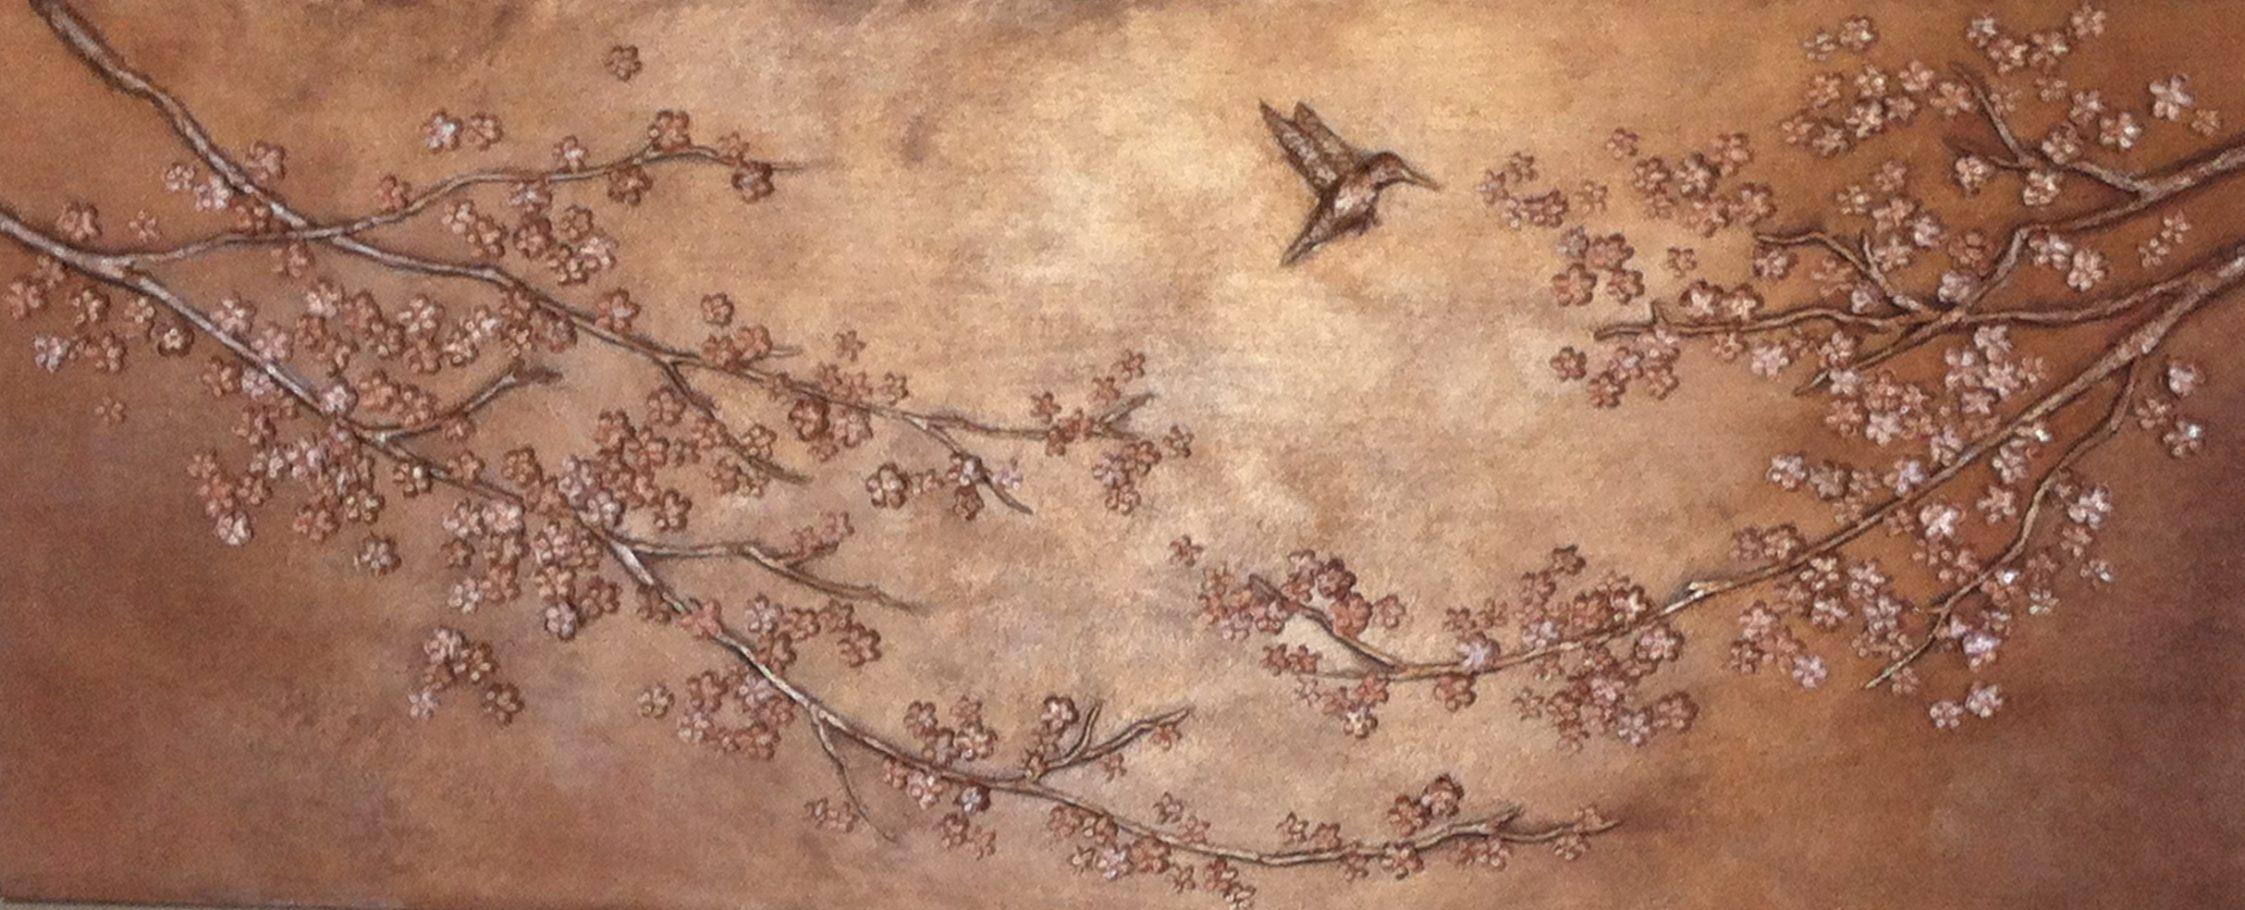 Cherry Blossom Bas Relief